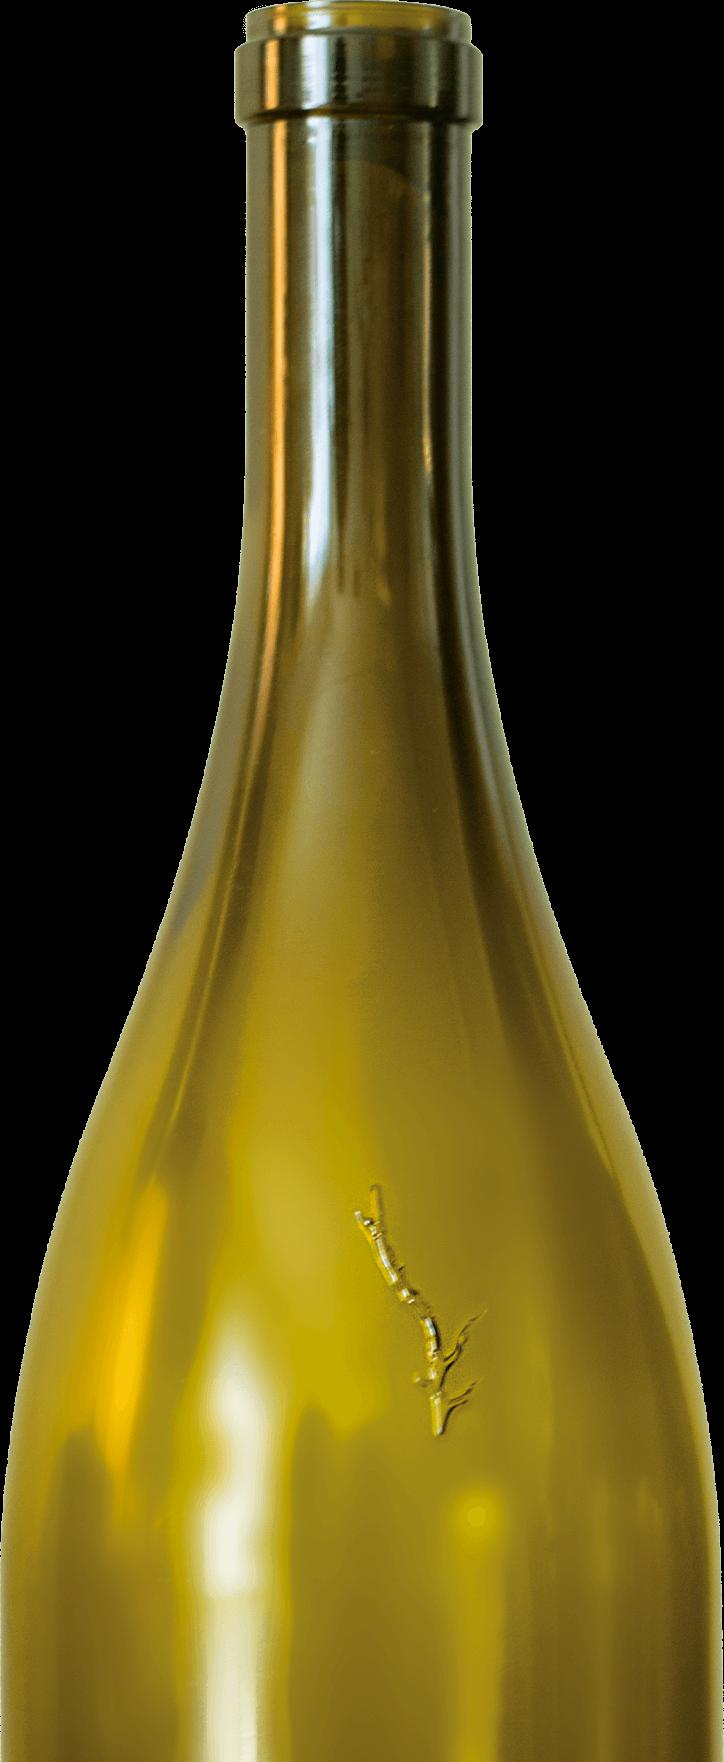 Verre Vert eco-friendly wine bottle